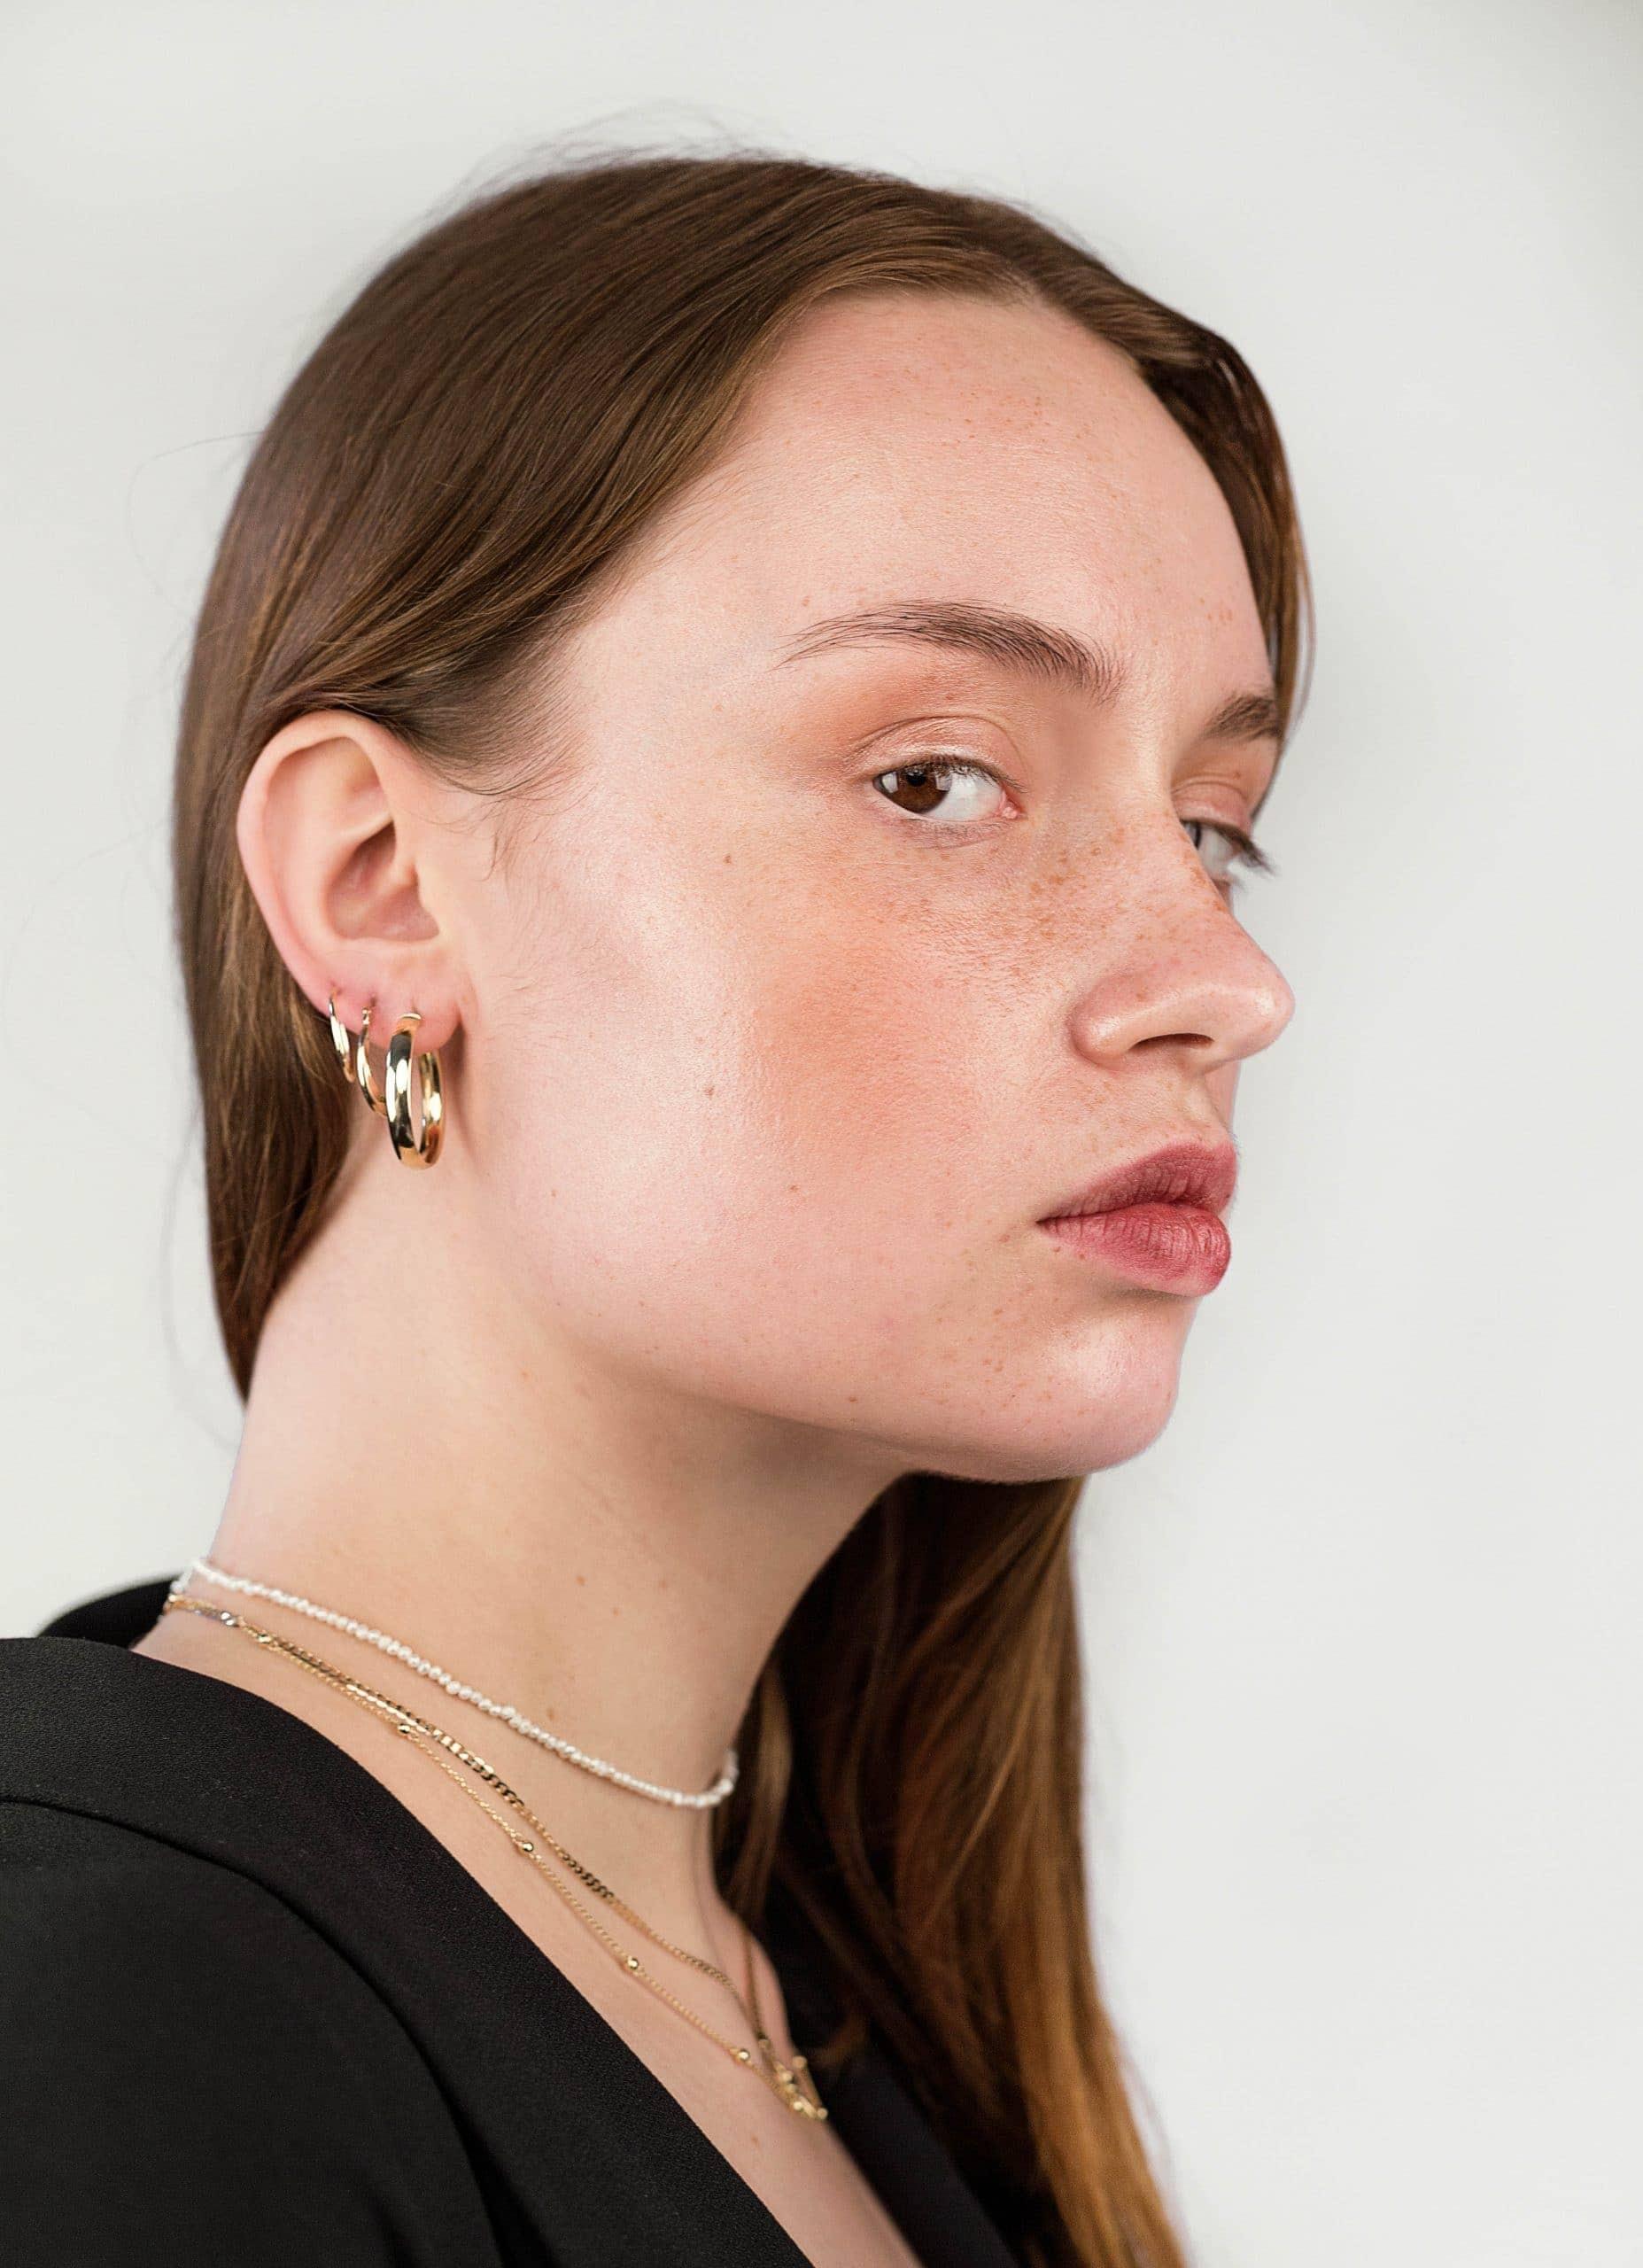 Modelka pprezentująca złotą biżuterię i choker z pereł